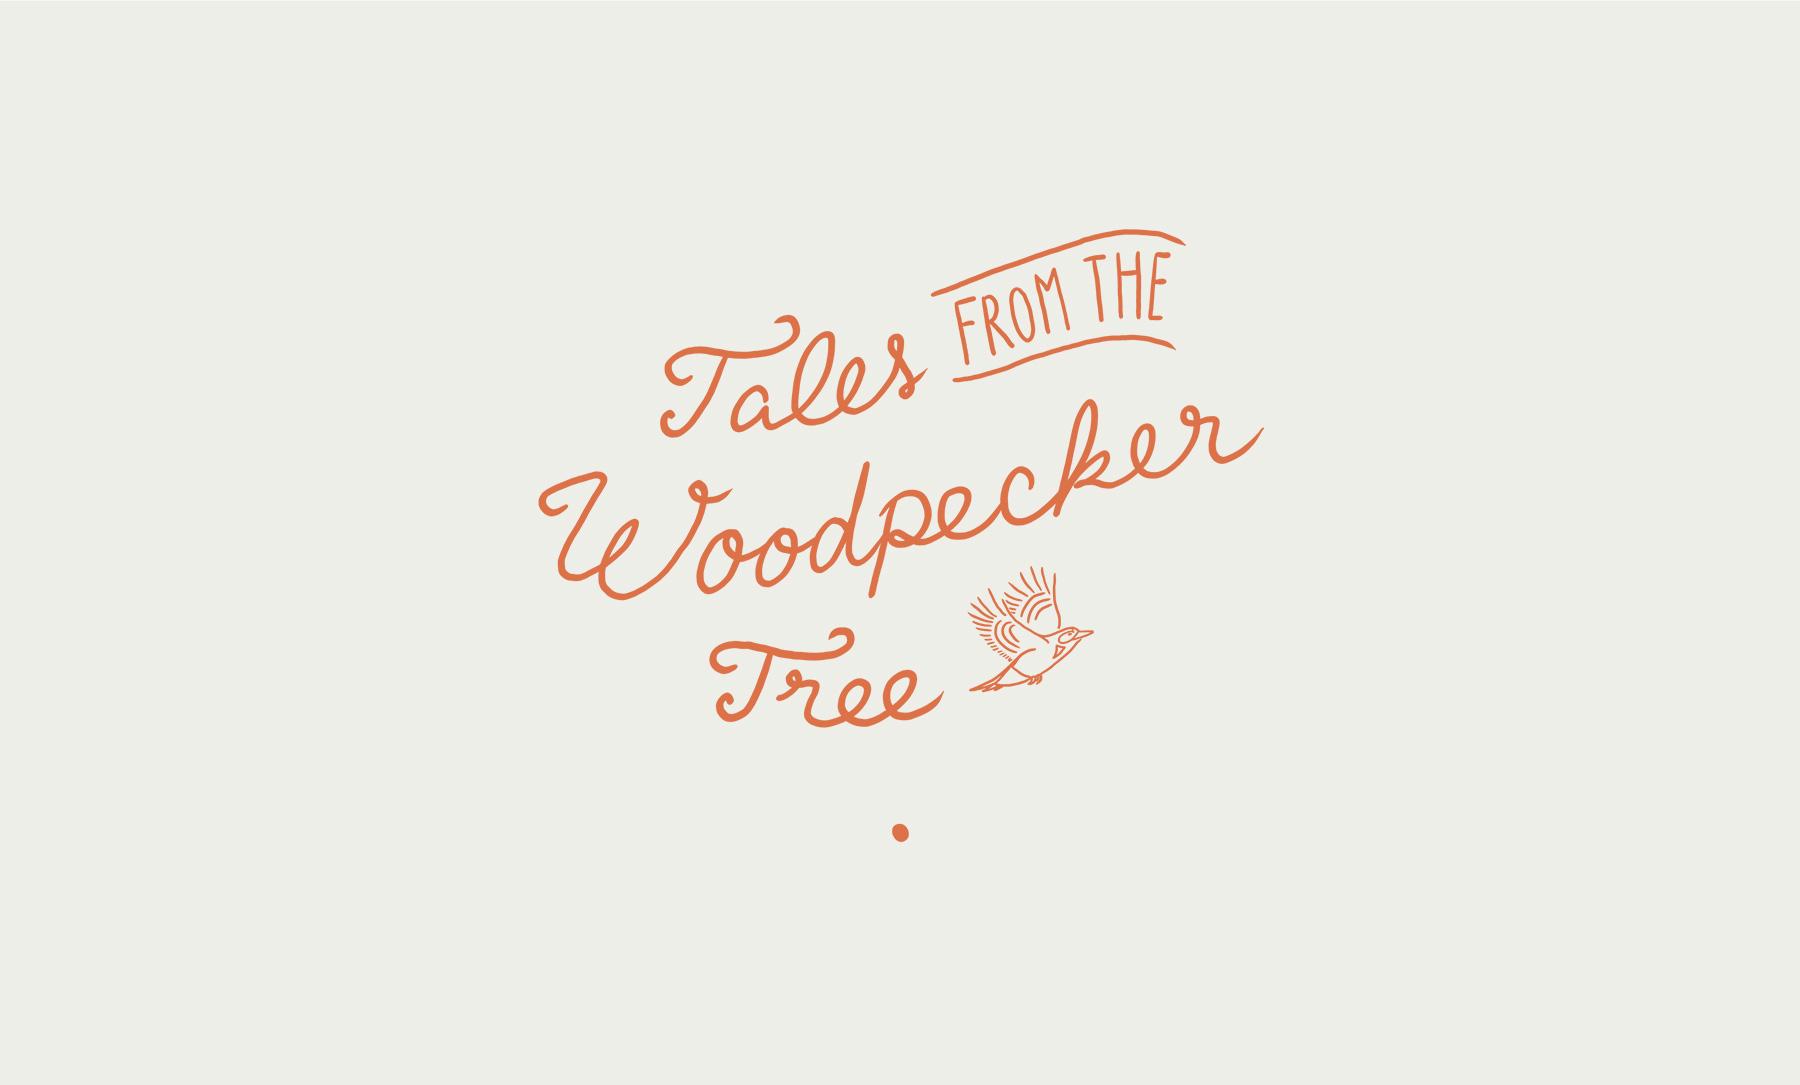 Carole_Chevalier-Woodpecker-Tales-Book_2.jpg